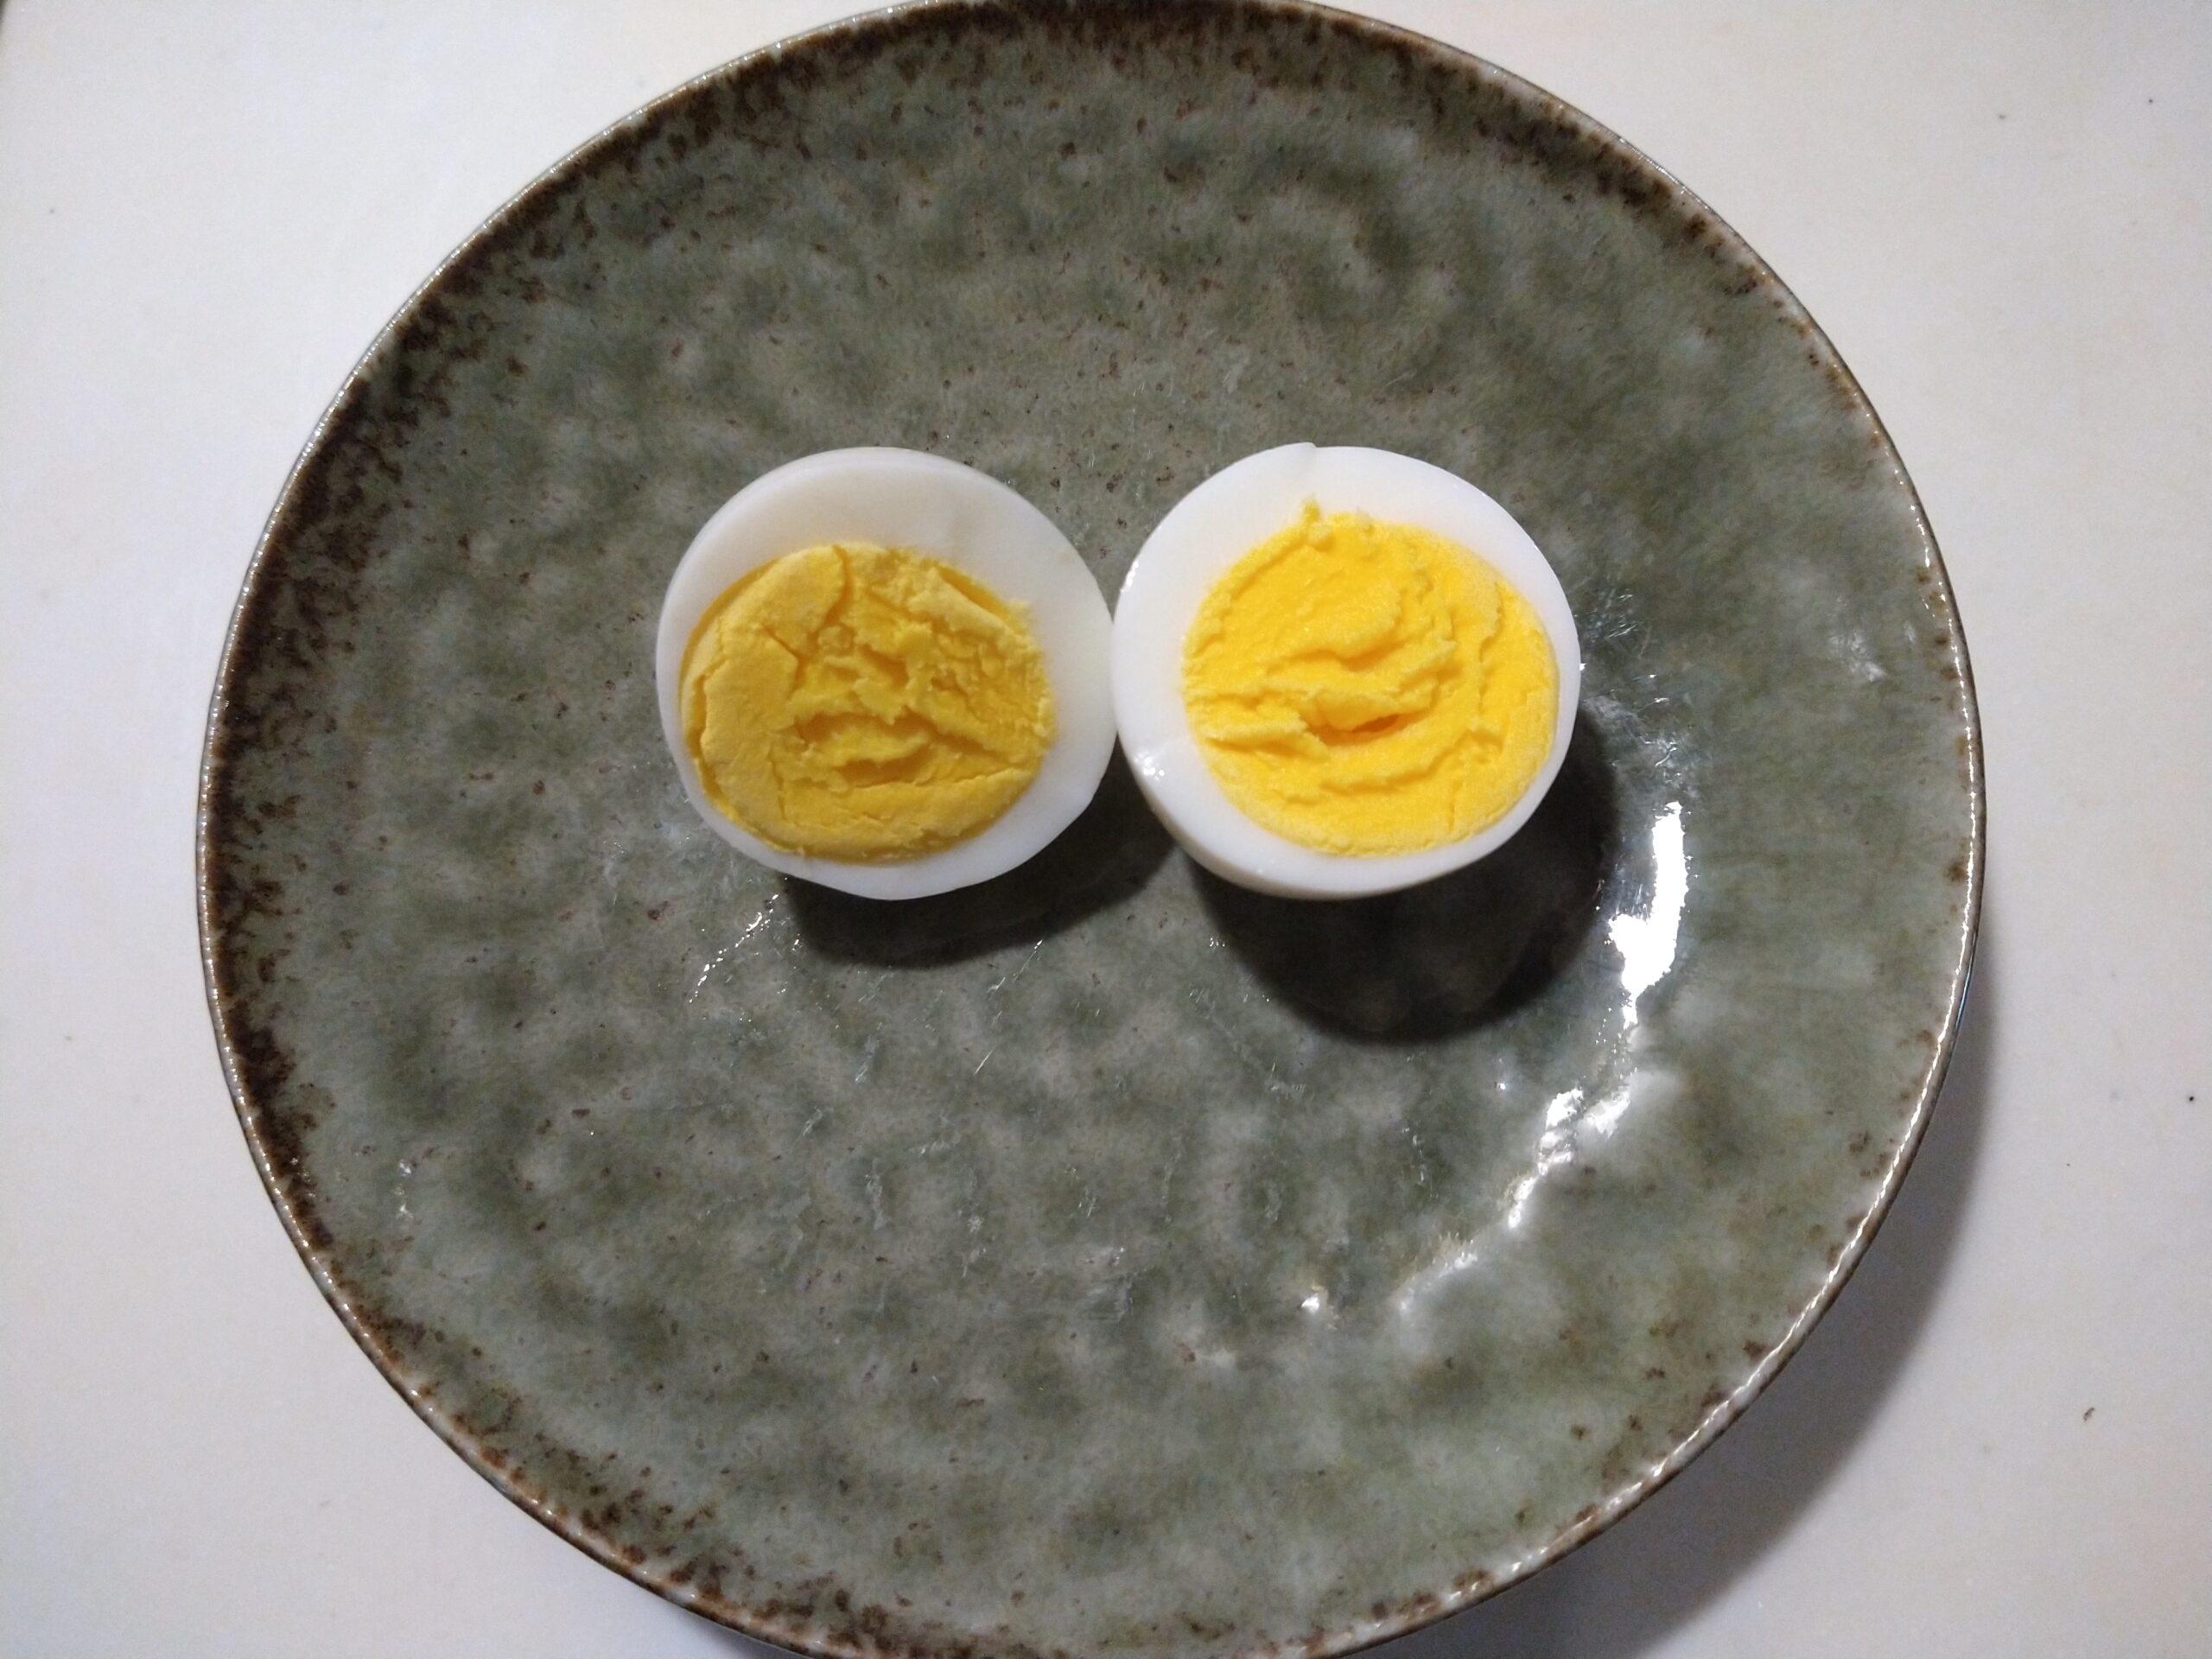 ゆで卵が目玉のように並んでいる